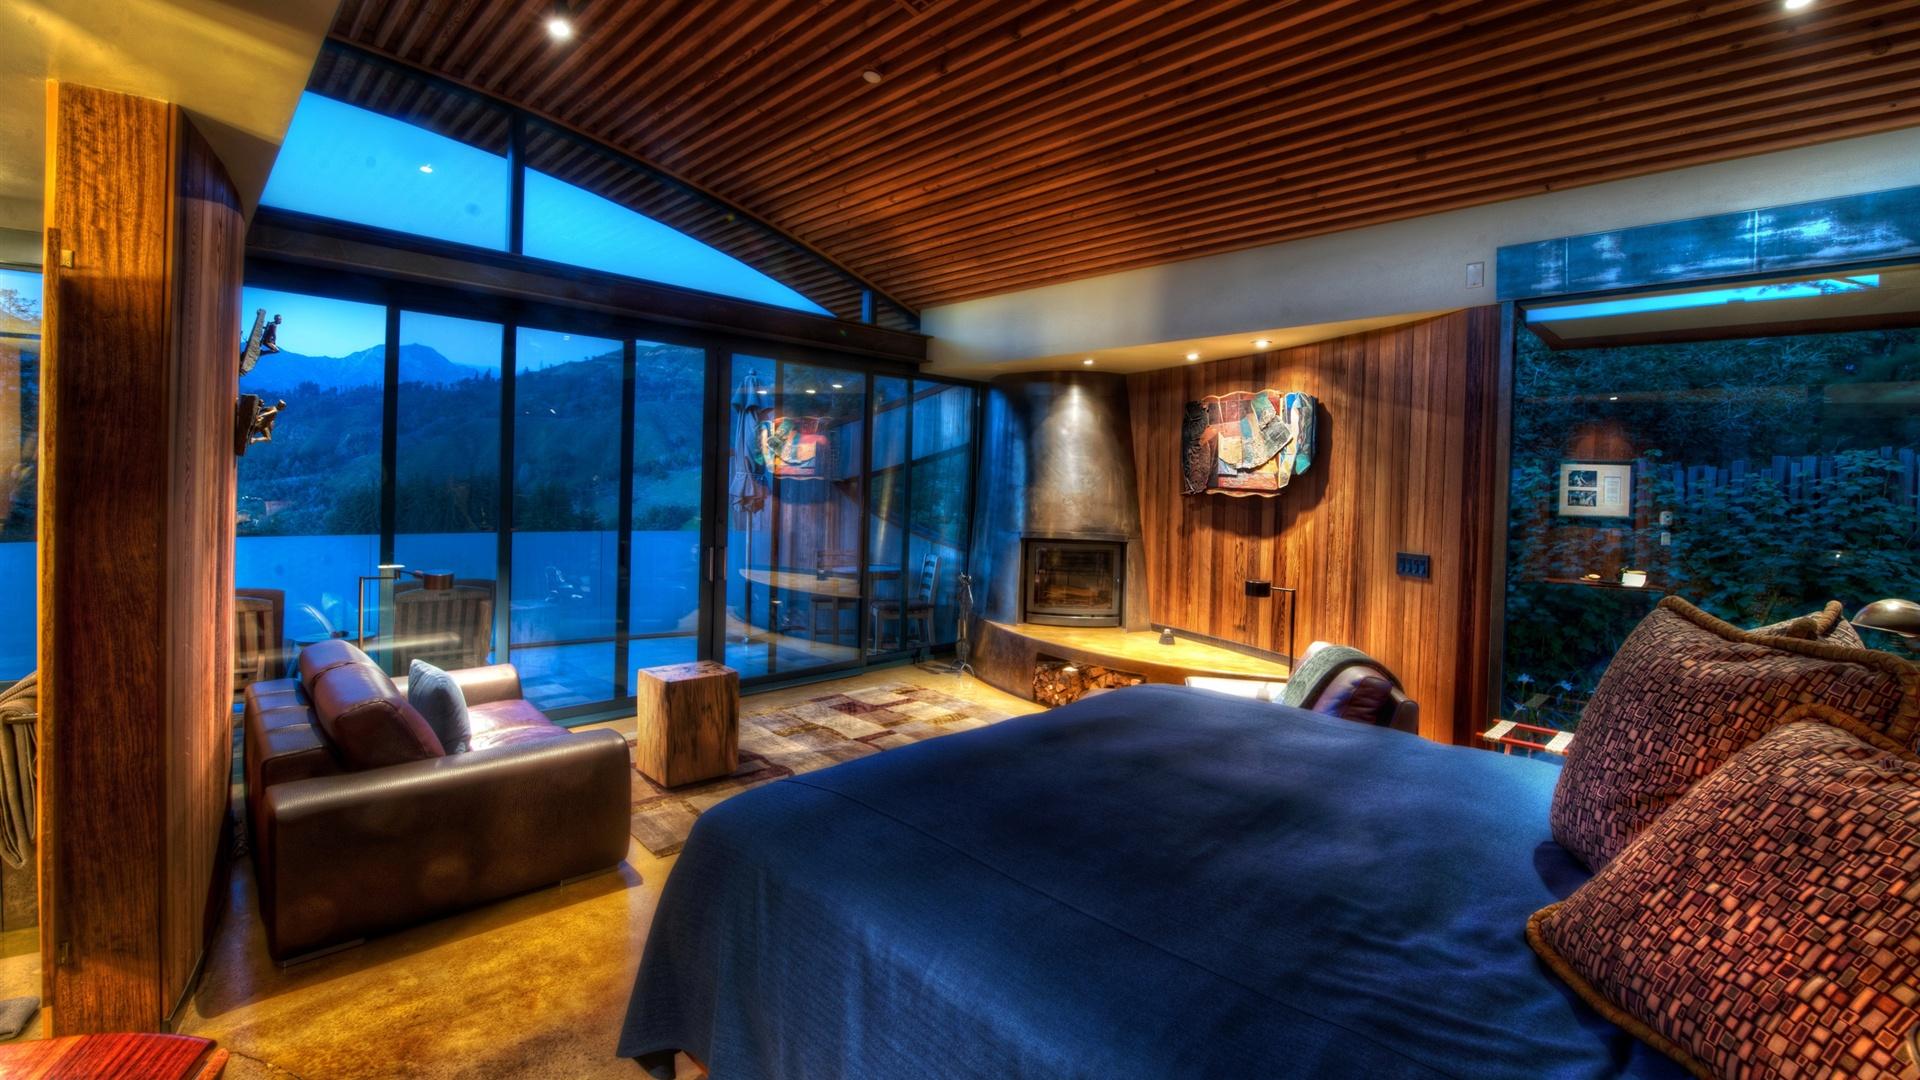 홈 디자인, 침실, 침대, 소파, 나무, 벽, 창문, 조명 배경 화면 ...